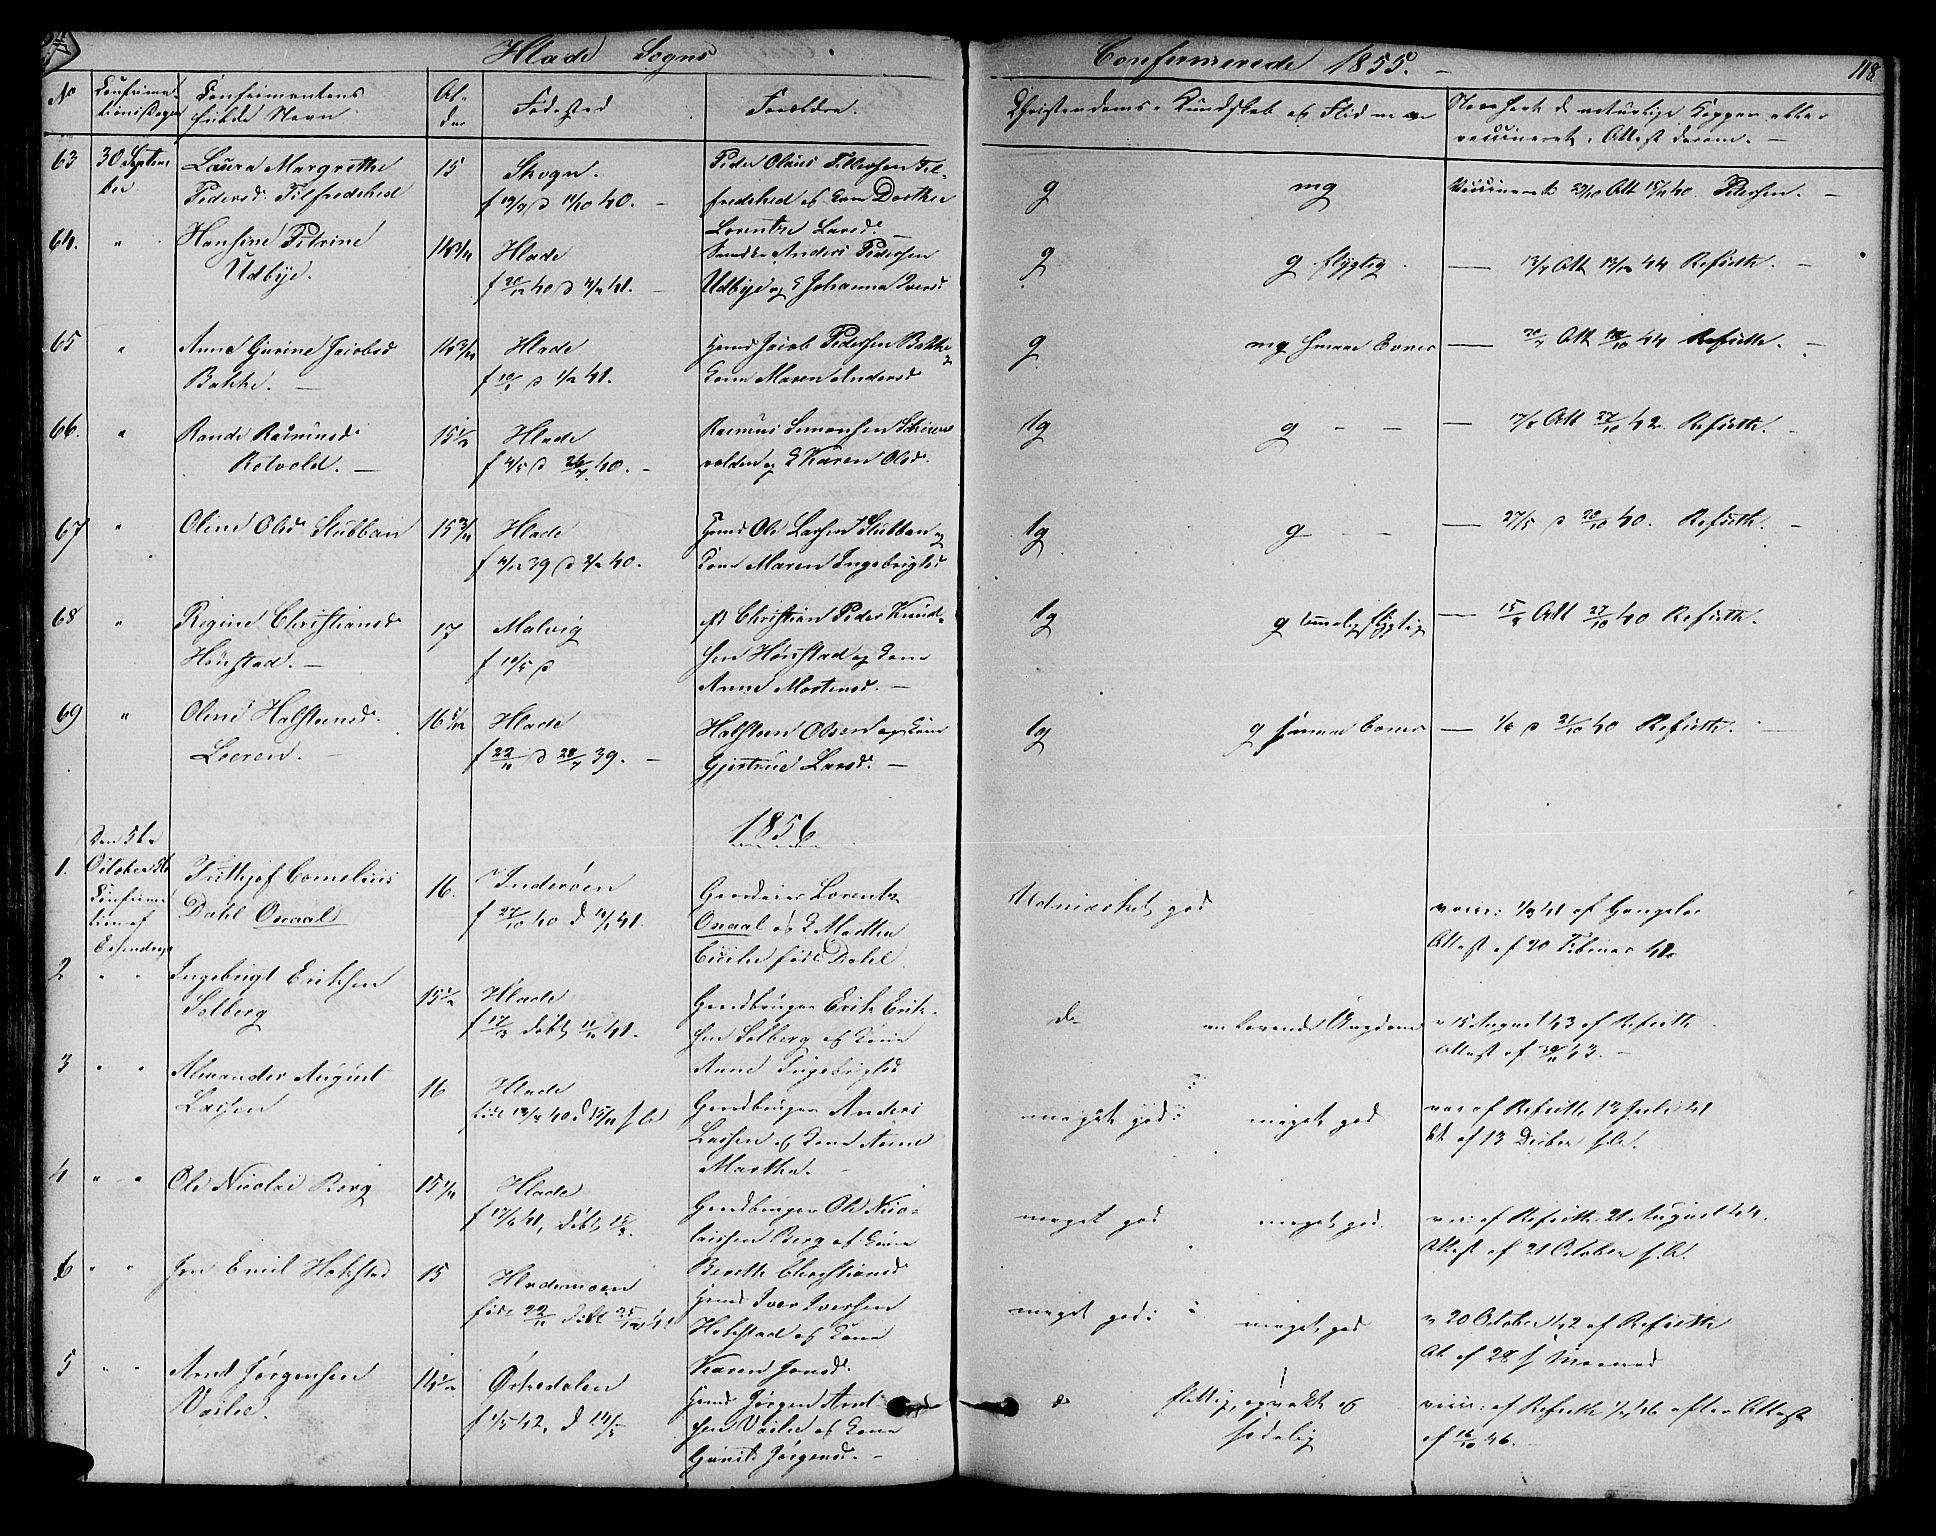 SAT, Ministerialprotokoller, klokkerbøker og fødselsregistre - Sør-Trøndelag, 606/L0310: Klokkerbok nr. 606C06, 1850-1859, s. 118